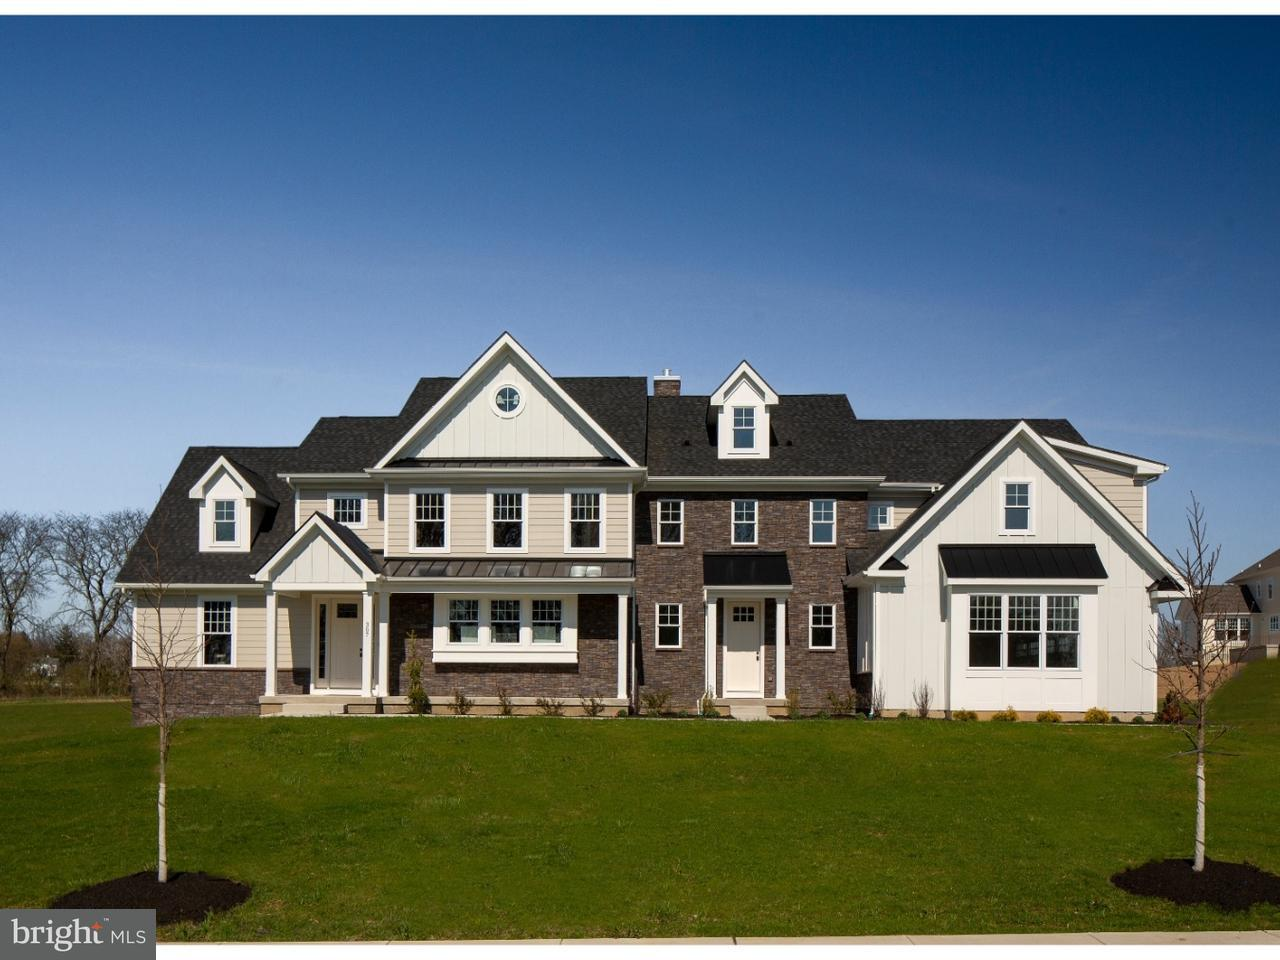 Частный односемейный дом для того Продажа на 87 WALTER Road Chalfont, Пенсильвания 18914 Соединенные Штаты